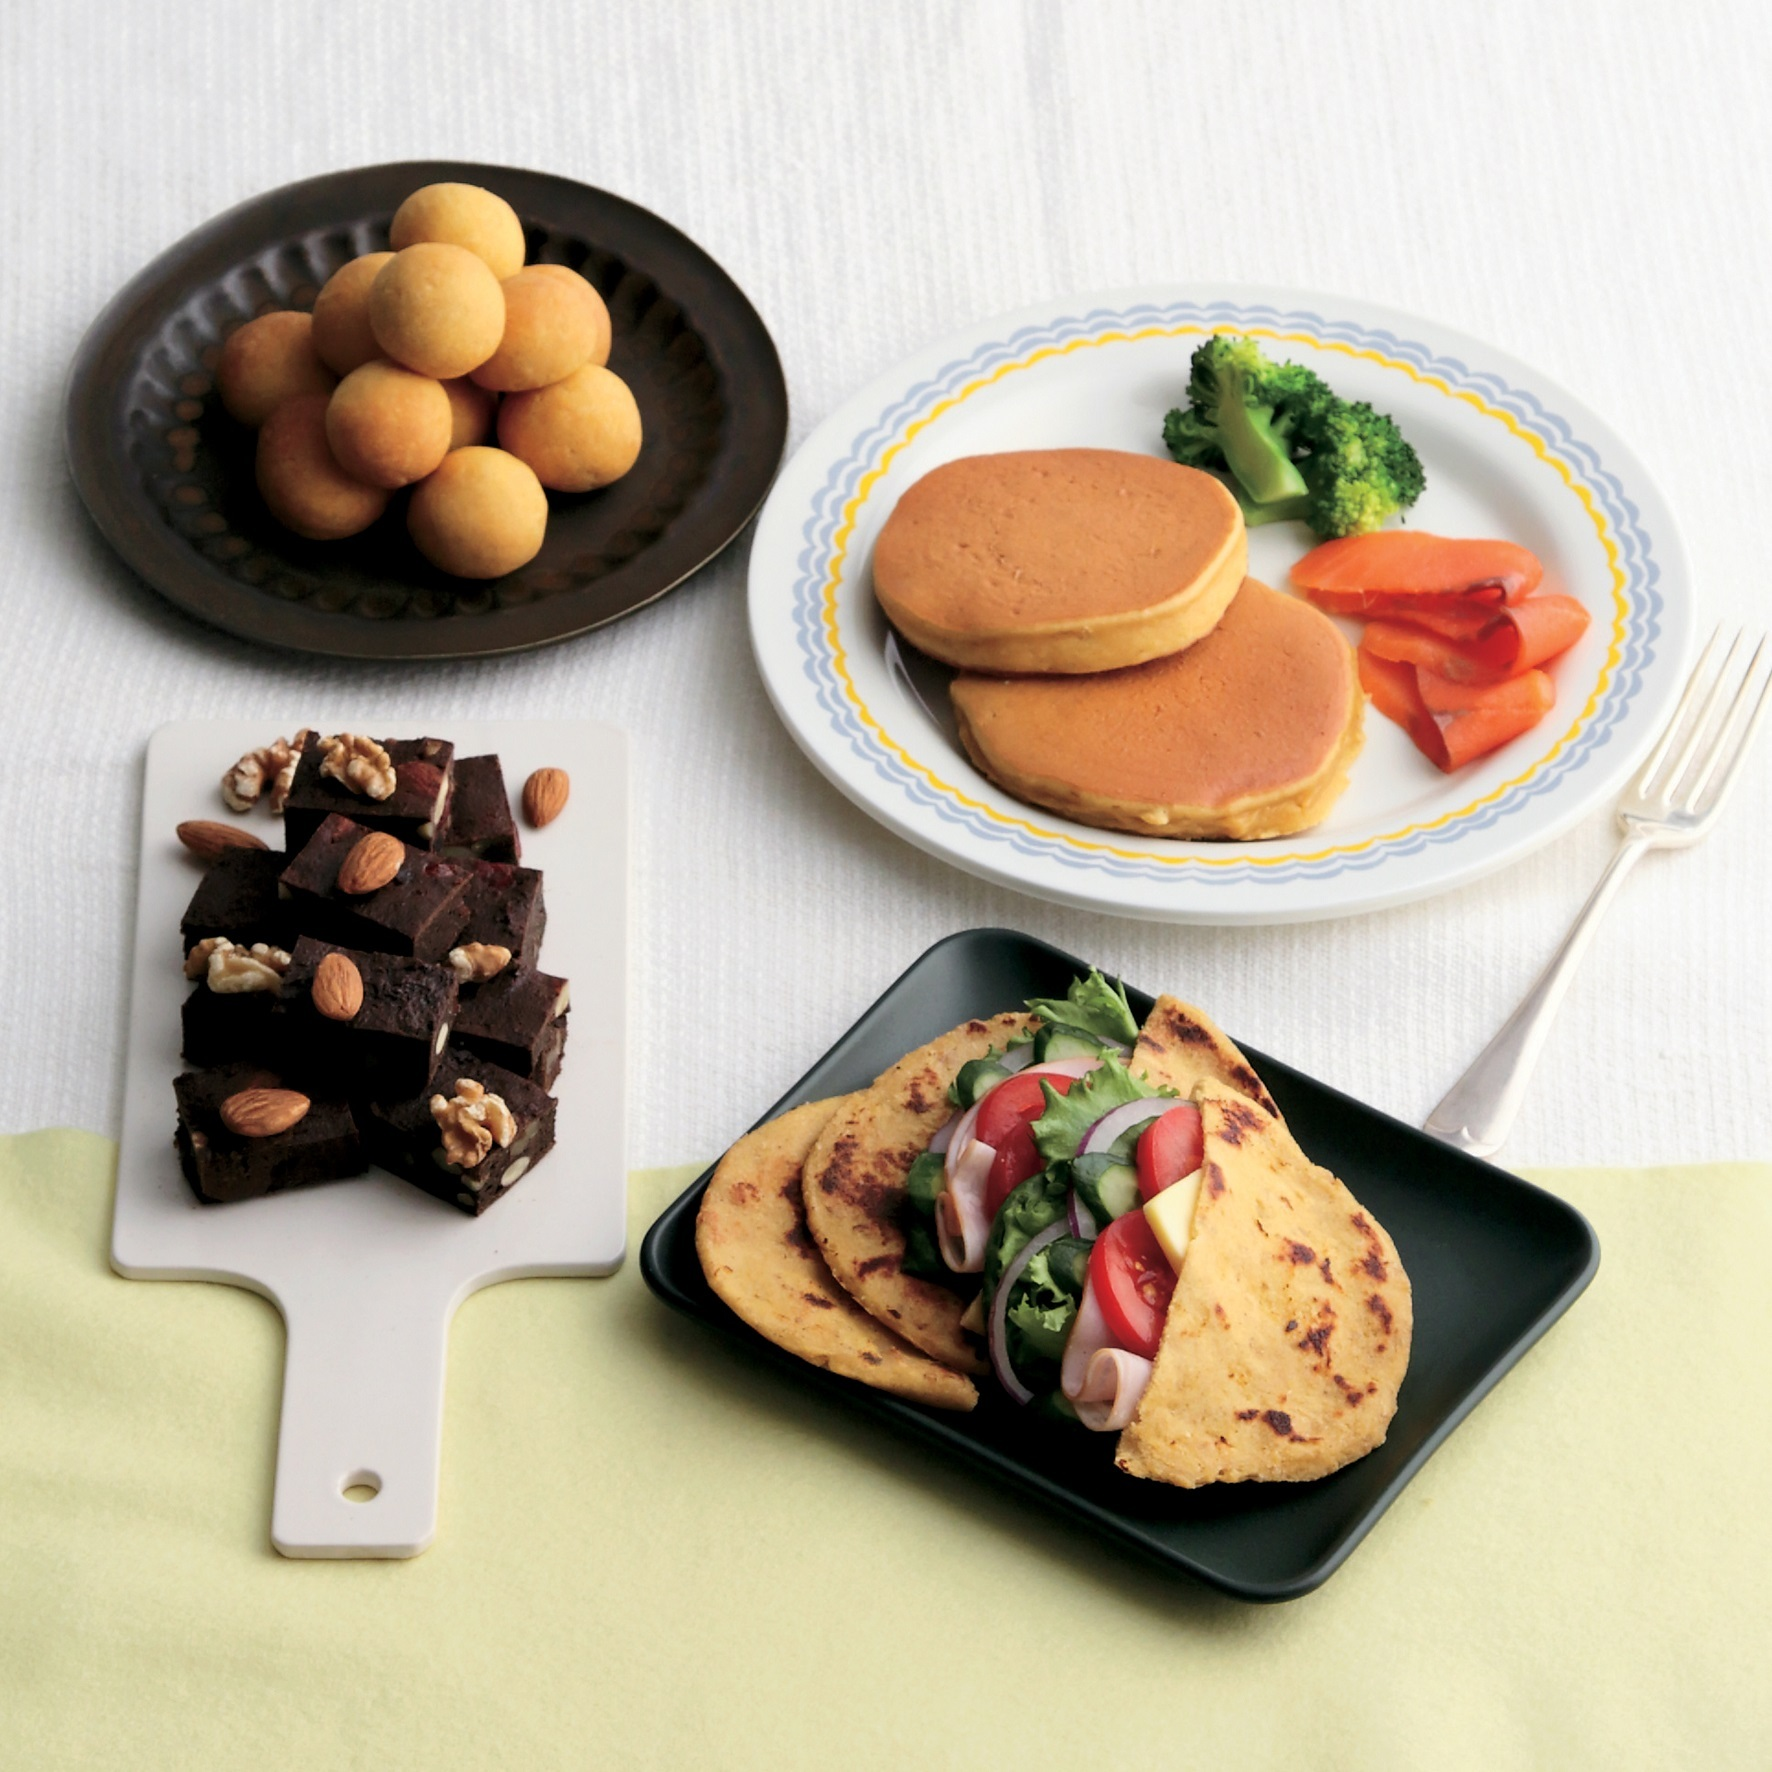 「大豆粉」はヘルシーな新ダイエット食材